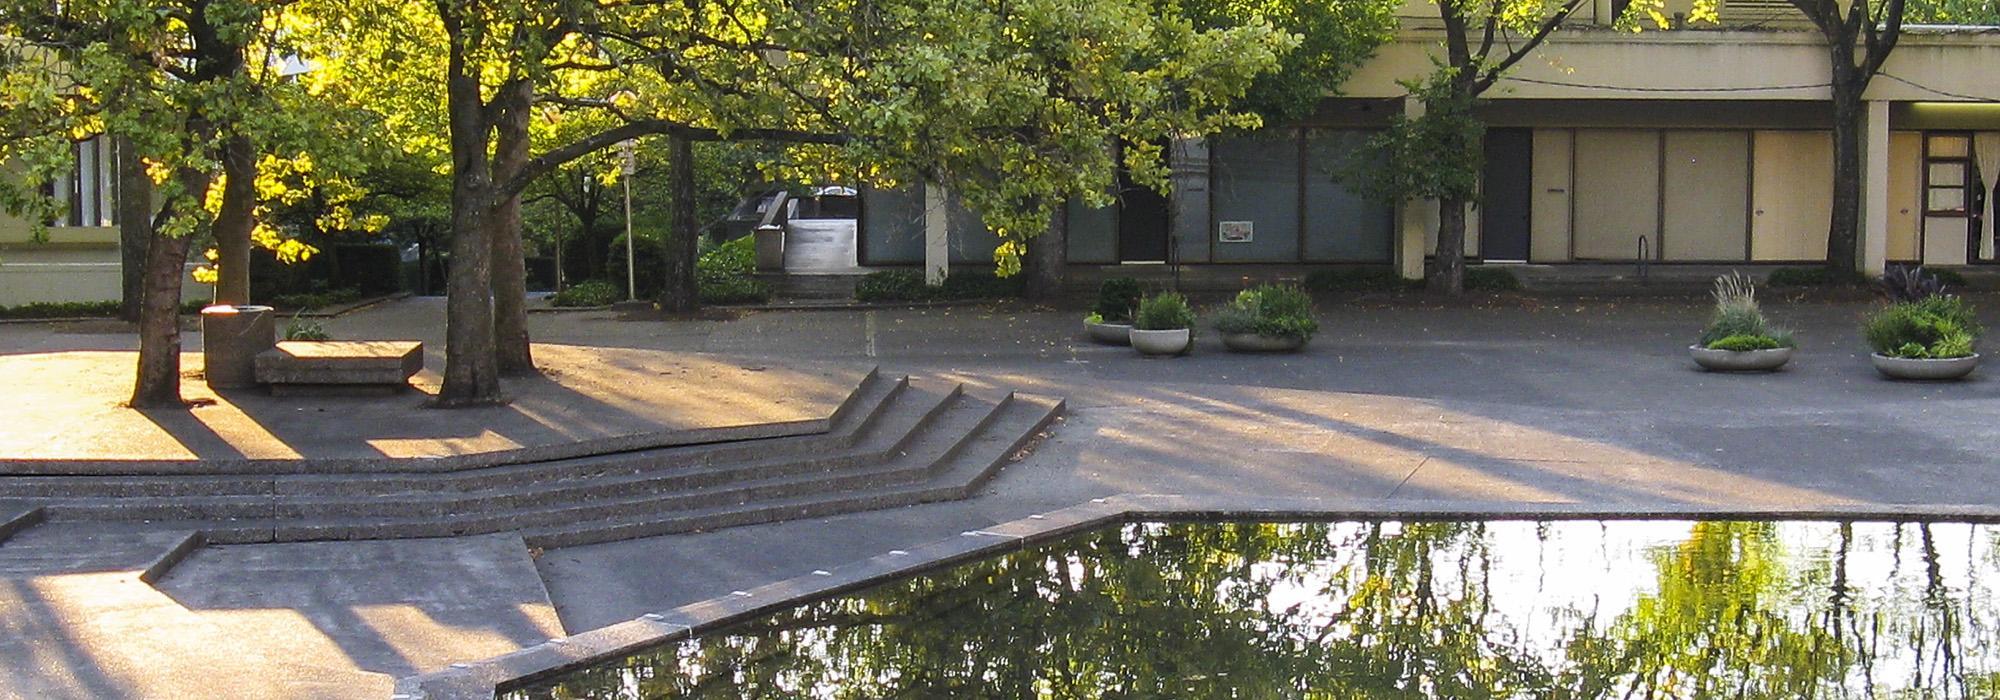 Portland_OpenSpaceSequence_hero_CharlesBirnbaum_2008_01.jpg